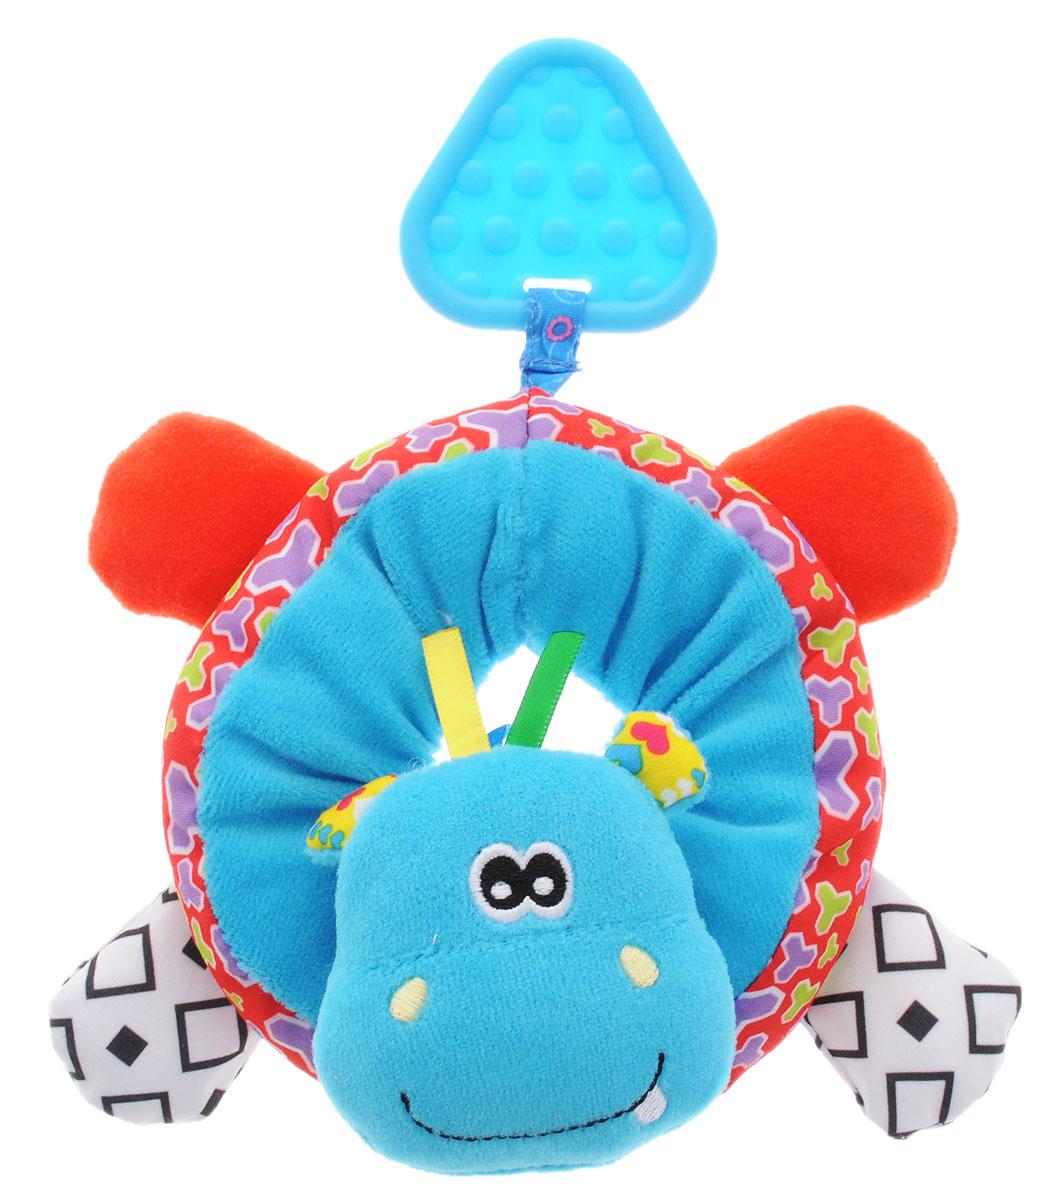 Жирафики Развивающая игрушка Браслет на ножку Бегемотик93932Развивающая игрушка Жирафики Браслет на ножку Бегемотик - это игрушка-сюрприз, так как внутри нее спрятаны погремушка и шуршалки. Если надеть браслет на ножку малыша, он обязательно заинтересуется, ведь он выполнен из ярких разноцветных материалов и напоминает забавного бегемота. Малыш с увлечением будет рассматривать его мордочку, ушки и лапки. К браслету прикреплен прорезыватель в виде голубого треугольника.